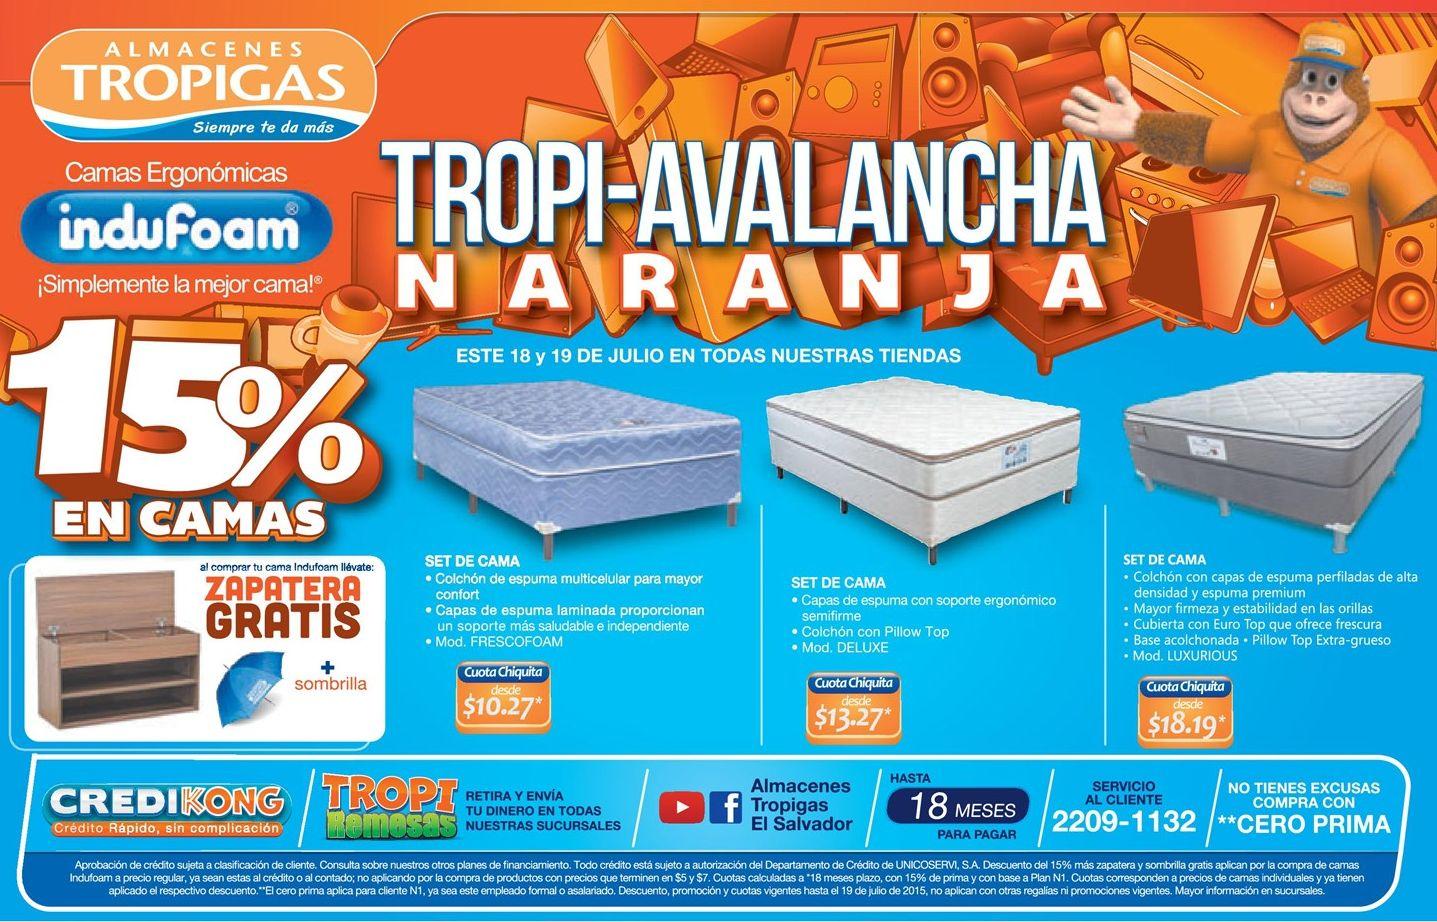 Camas al mejor precios con almacenes tropigas ofertas ahora for Almacenes de camas en ibague